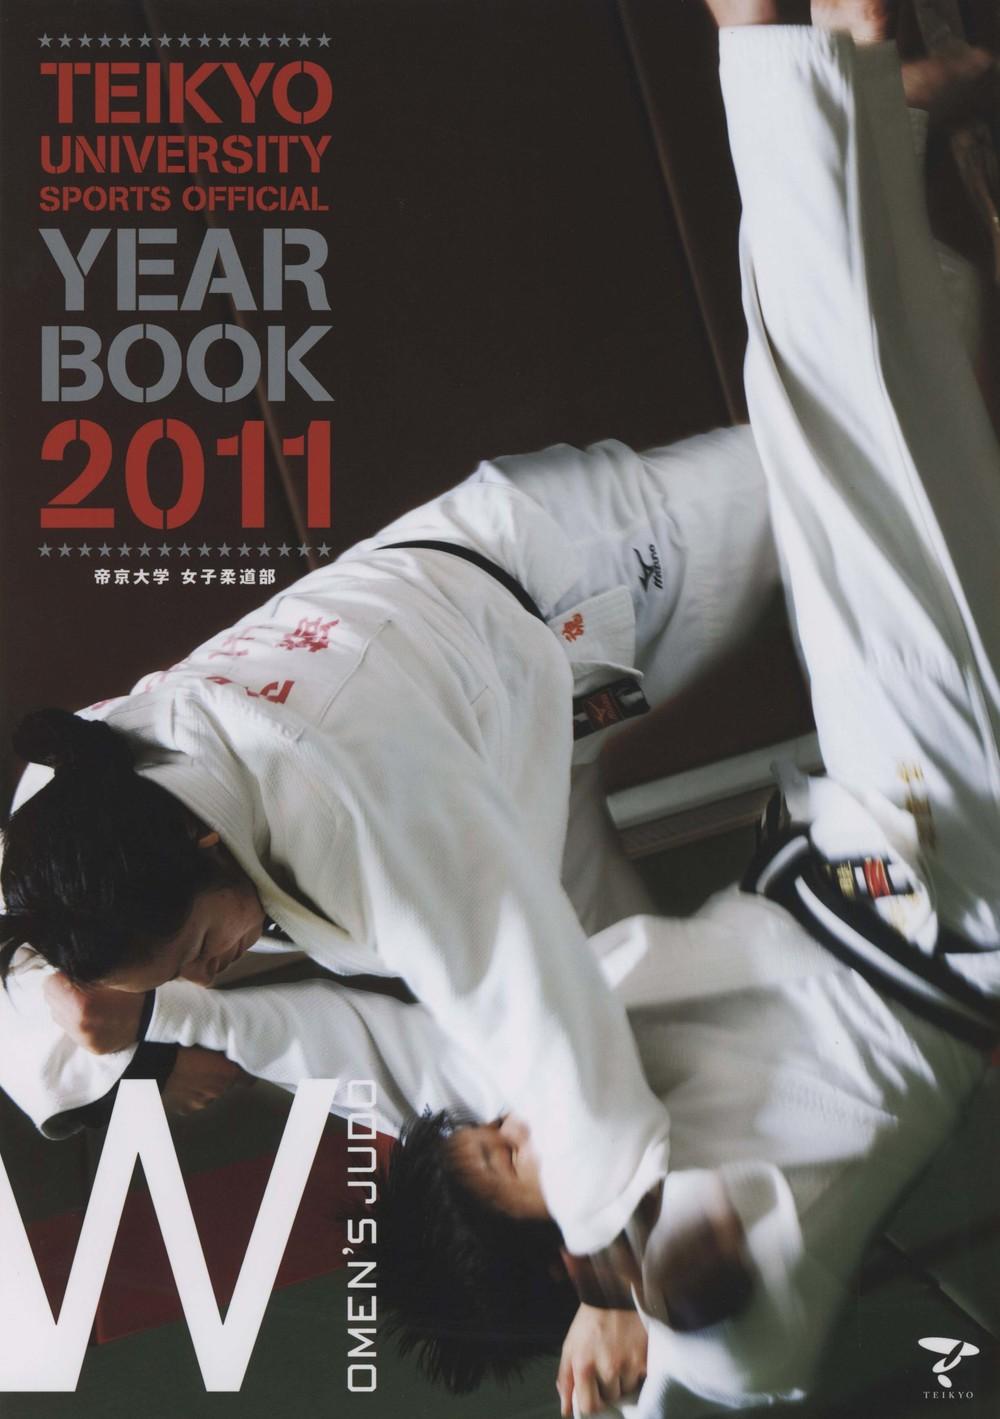 帝京大学女子柔道部「YEAR BOOK 2011」表紙